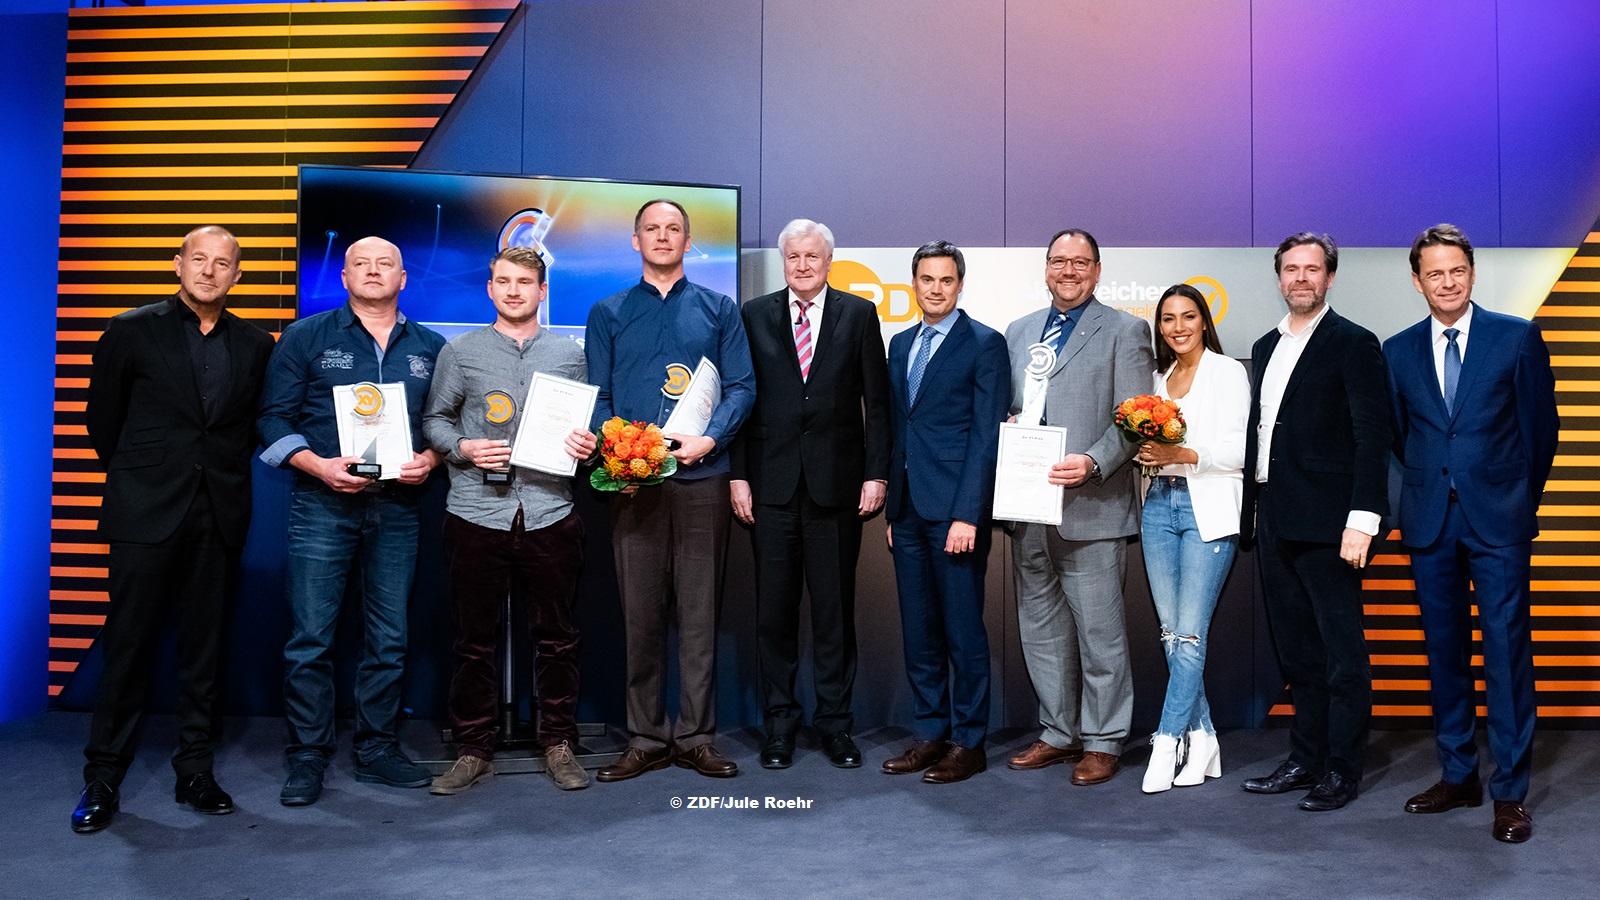 XY-Preis 2019: Horst Seehofer ehrt Bürger für Zivilcourage